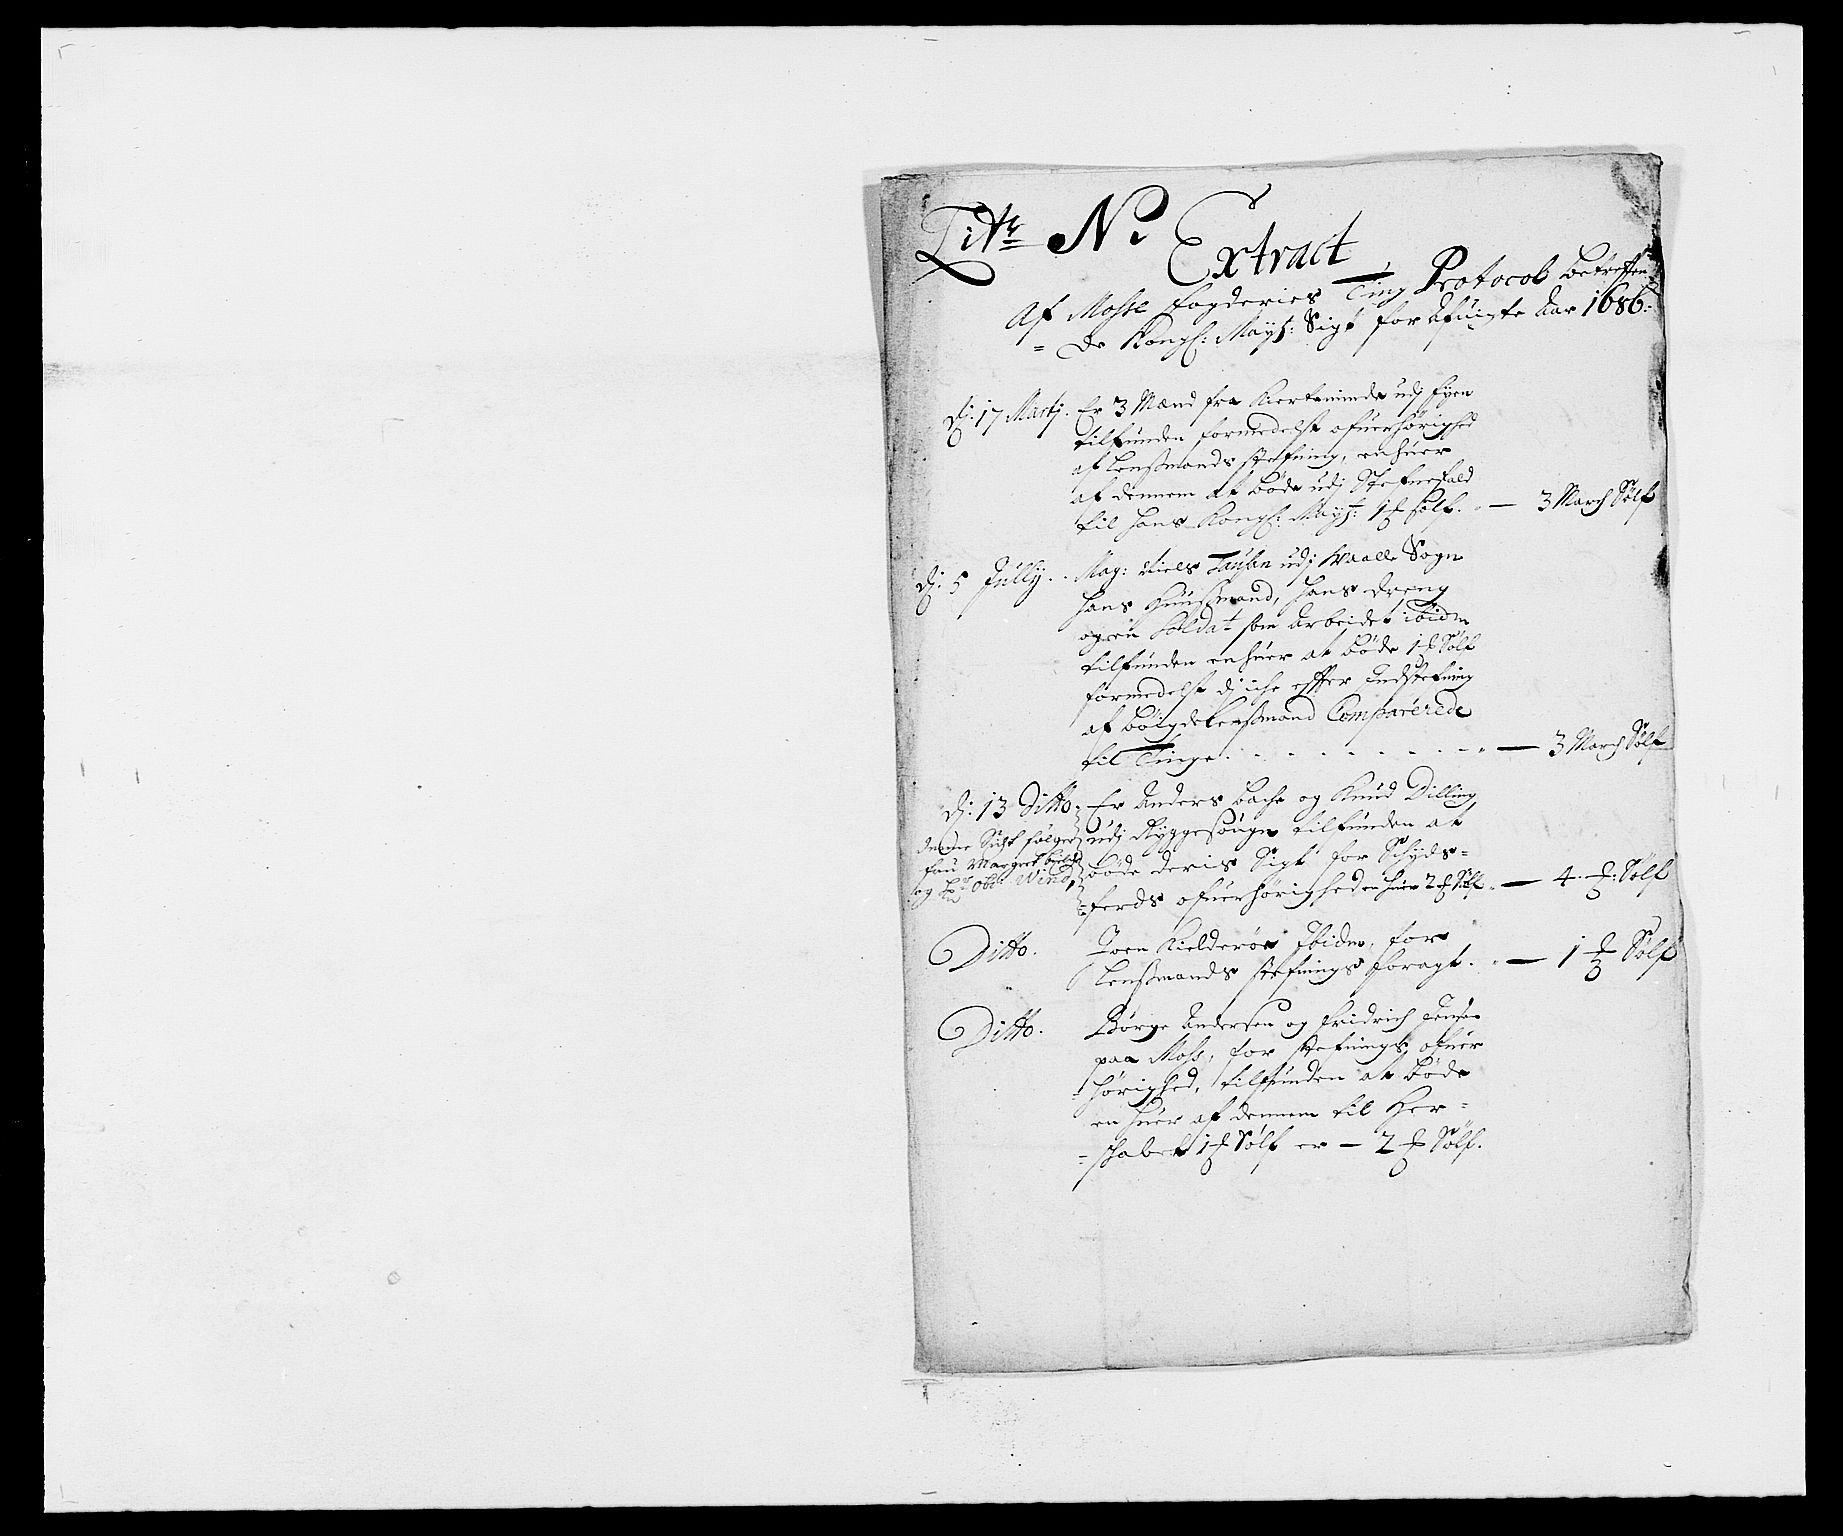 RA, Rentekammeret inntil 1814, Reviderte regnskaper, Fogderegnskap, R02/L0105: Fogderegnskap Moss og Verne kloster, 1685-1687, s. 175